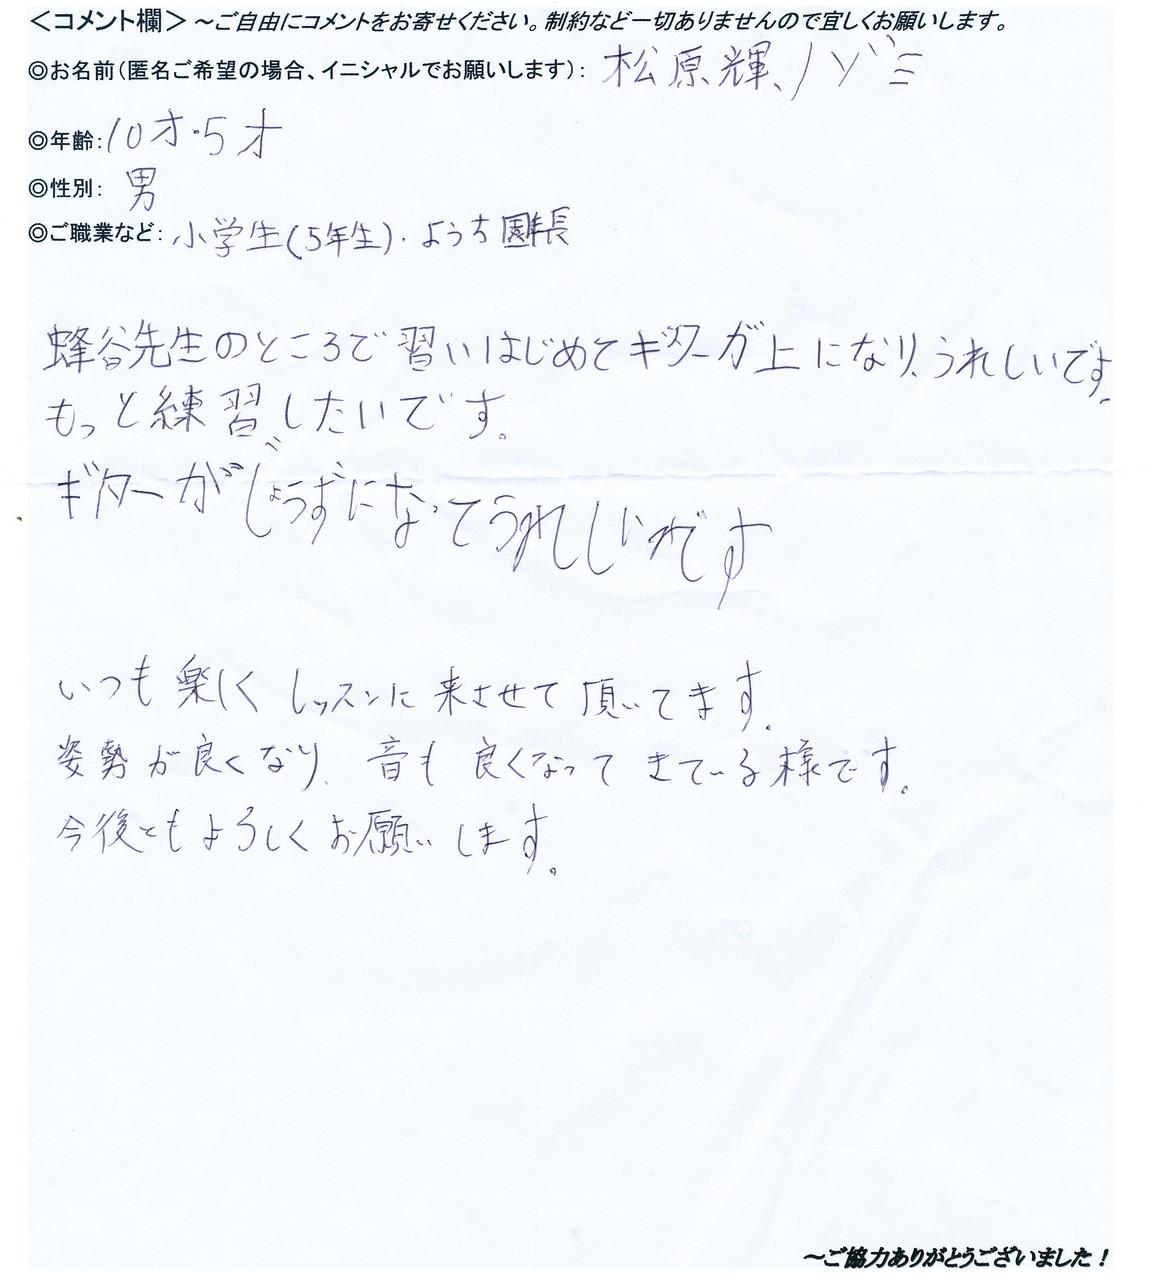 松原兄弟&お父さん/コメント